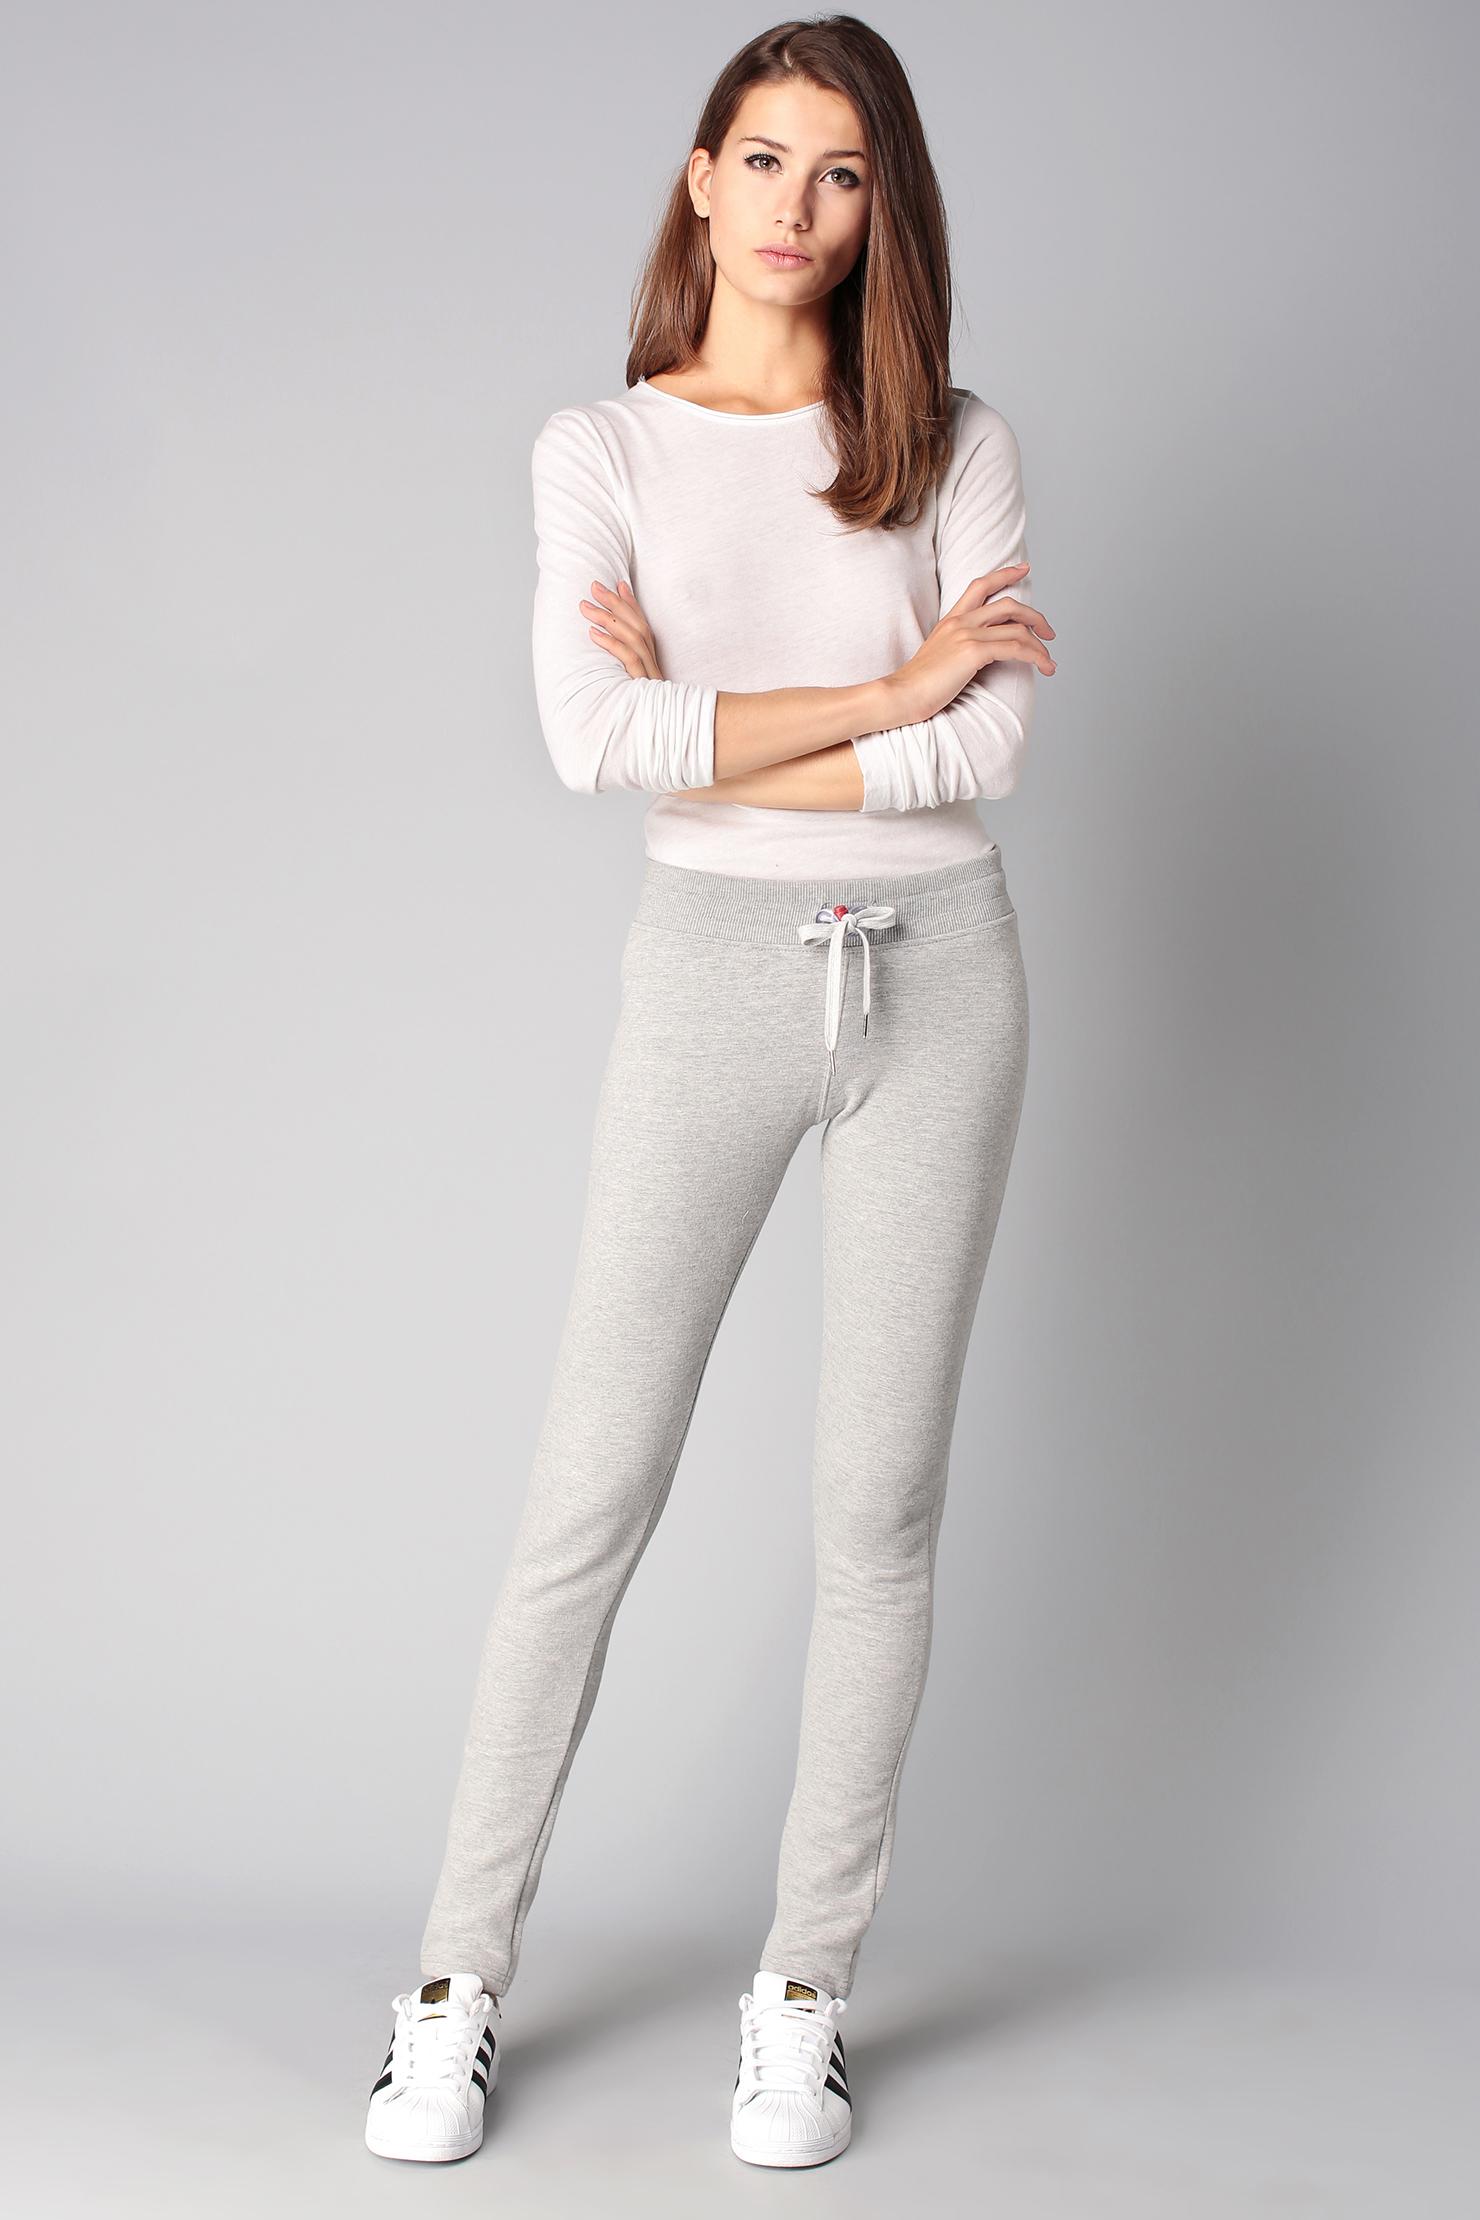 Sweet Pants Sport Homewear In Gray Lyst